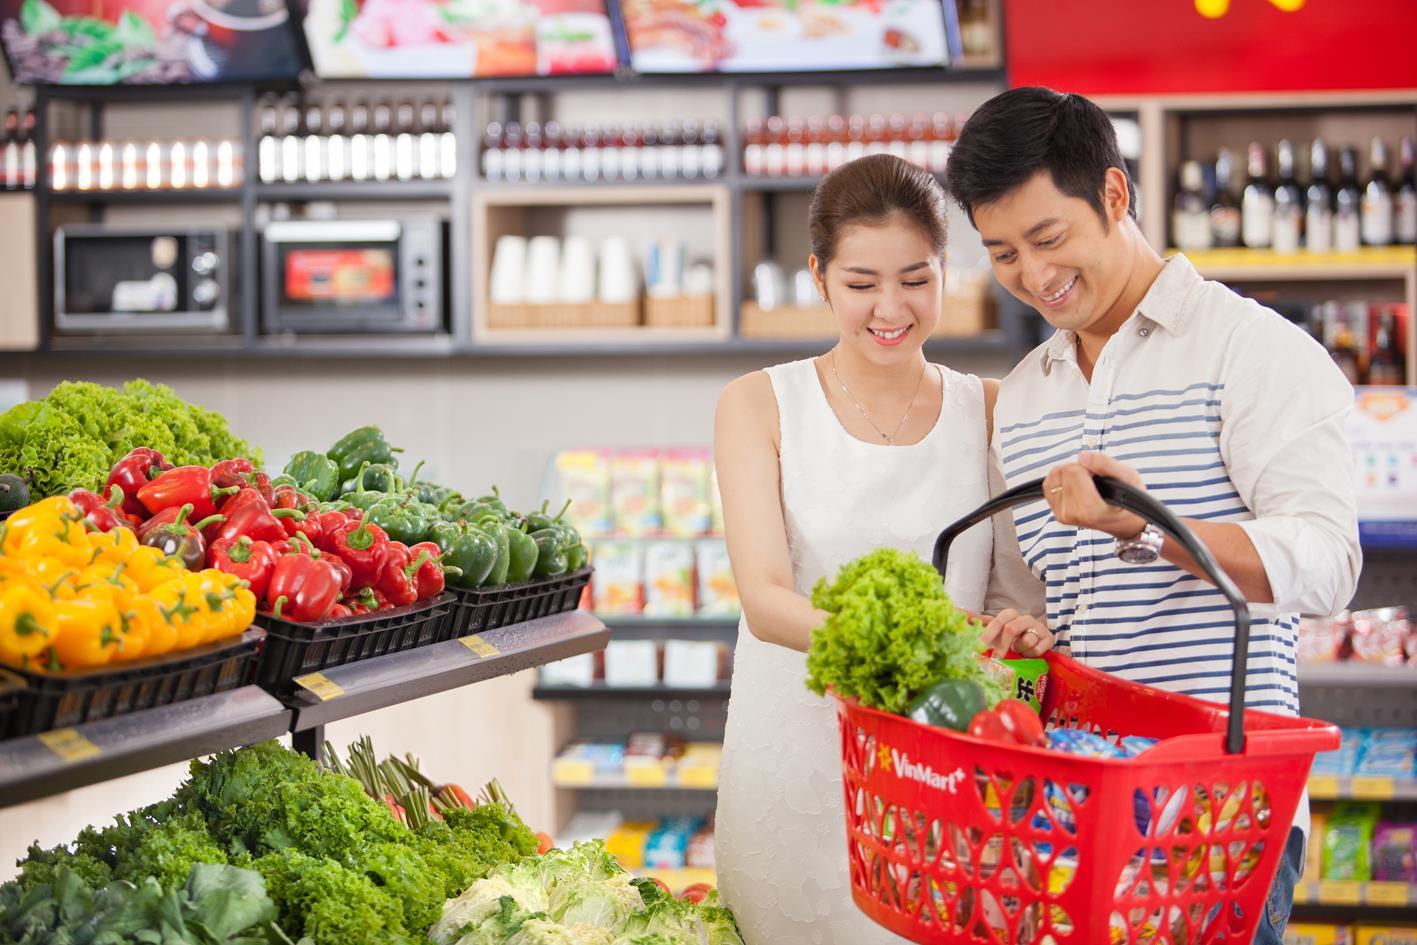 Lựa chọn thực phẩm sạch, có nguồn gốc rõ ràng để đảm bảo sức khỏe